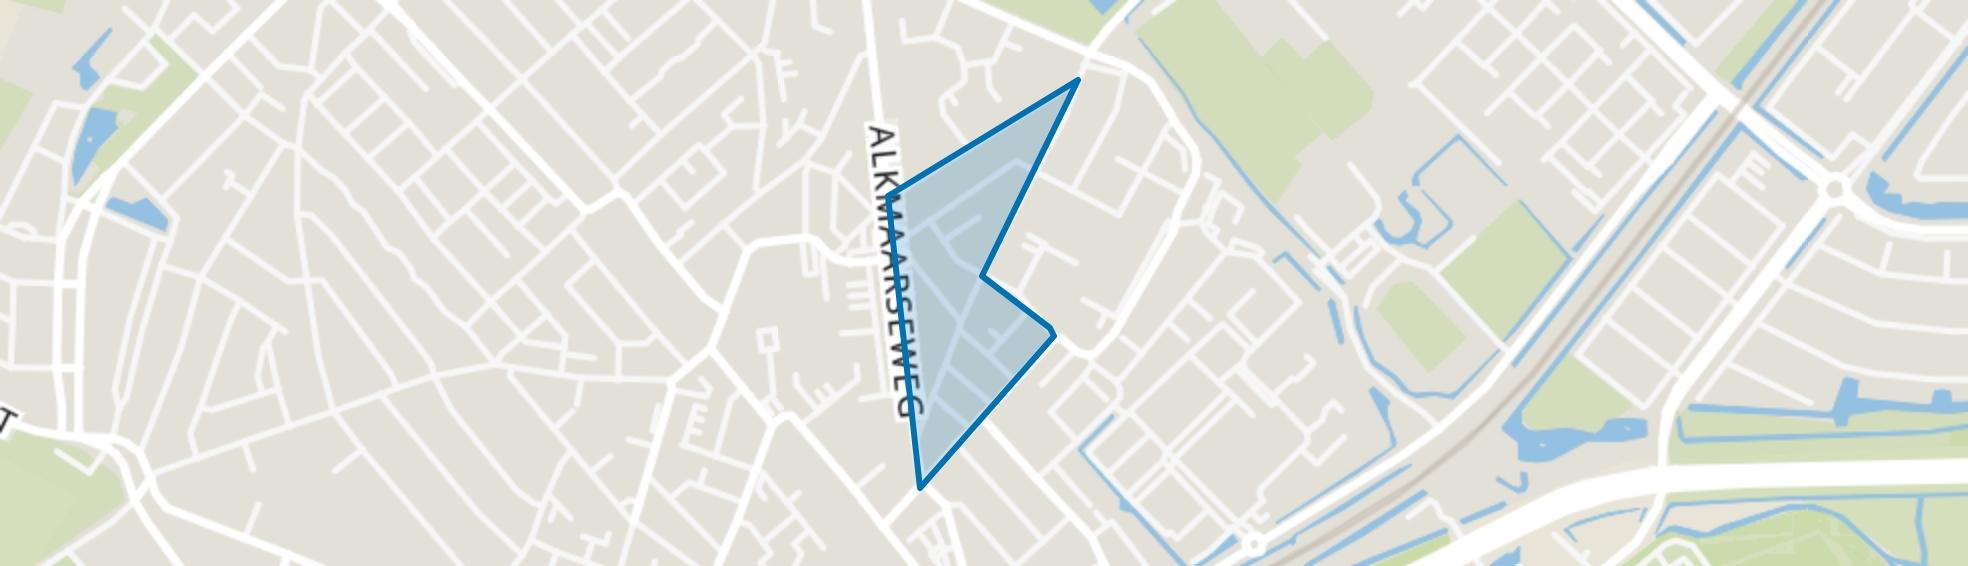 Reguliersstraat, Beverwijk map